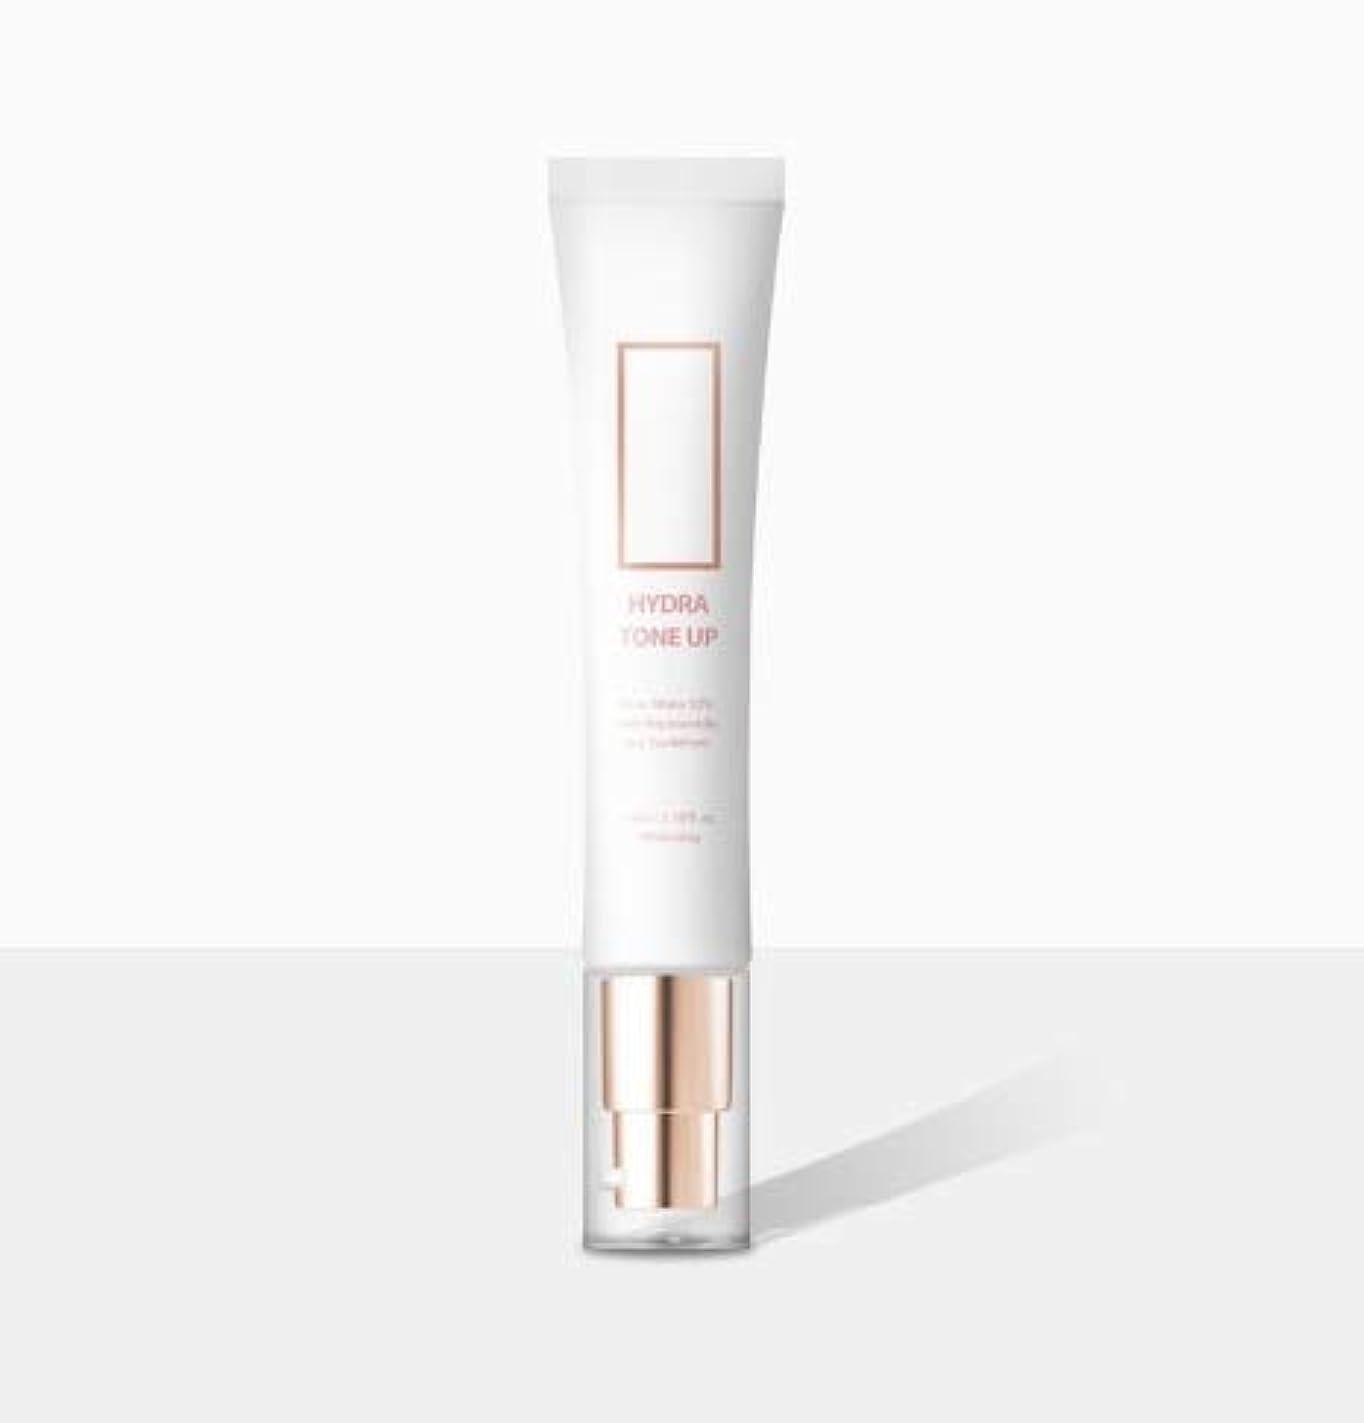 電気の温度計志すAIDA 10mgRx ヒドラトーンアップクリーム 35ml (すべての肌タイプのために、明るくしわ) / Hydra Tone-Up Cream